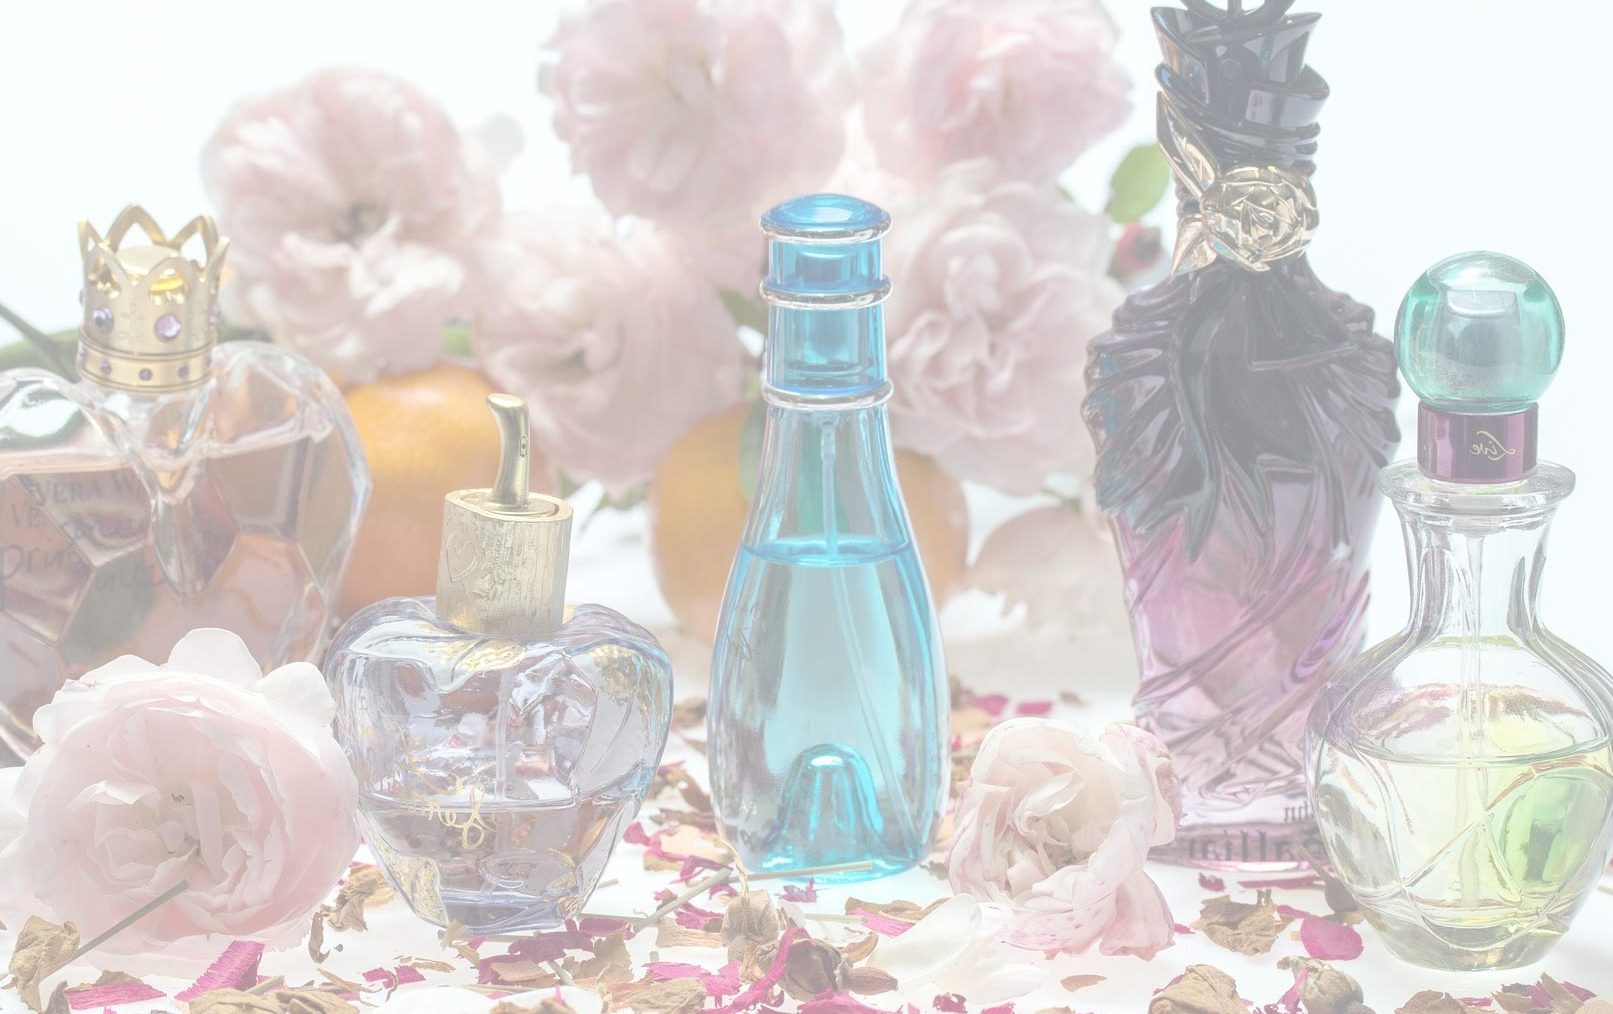 Et Black Le Friday Les 70 Parfums 2018 Maquillage Jusqu'a Sur ZwuTOPkXi